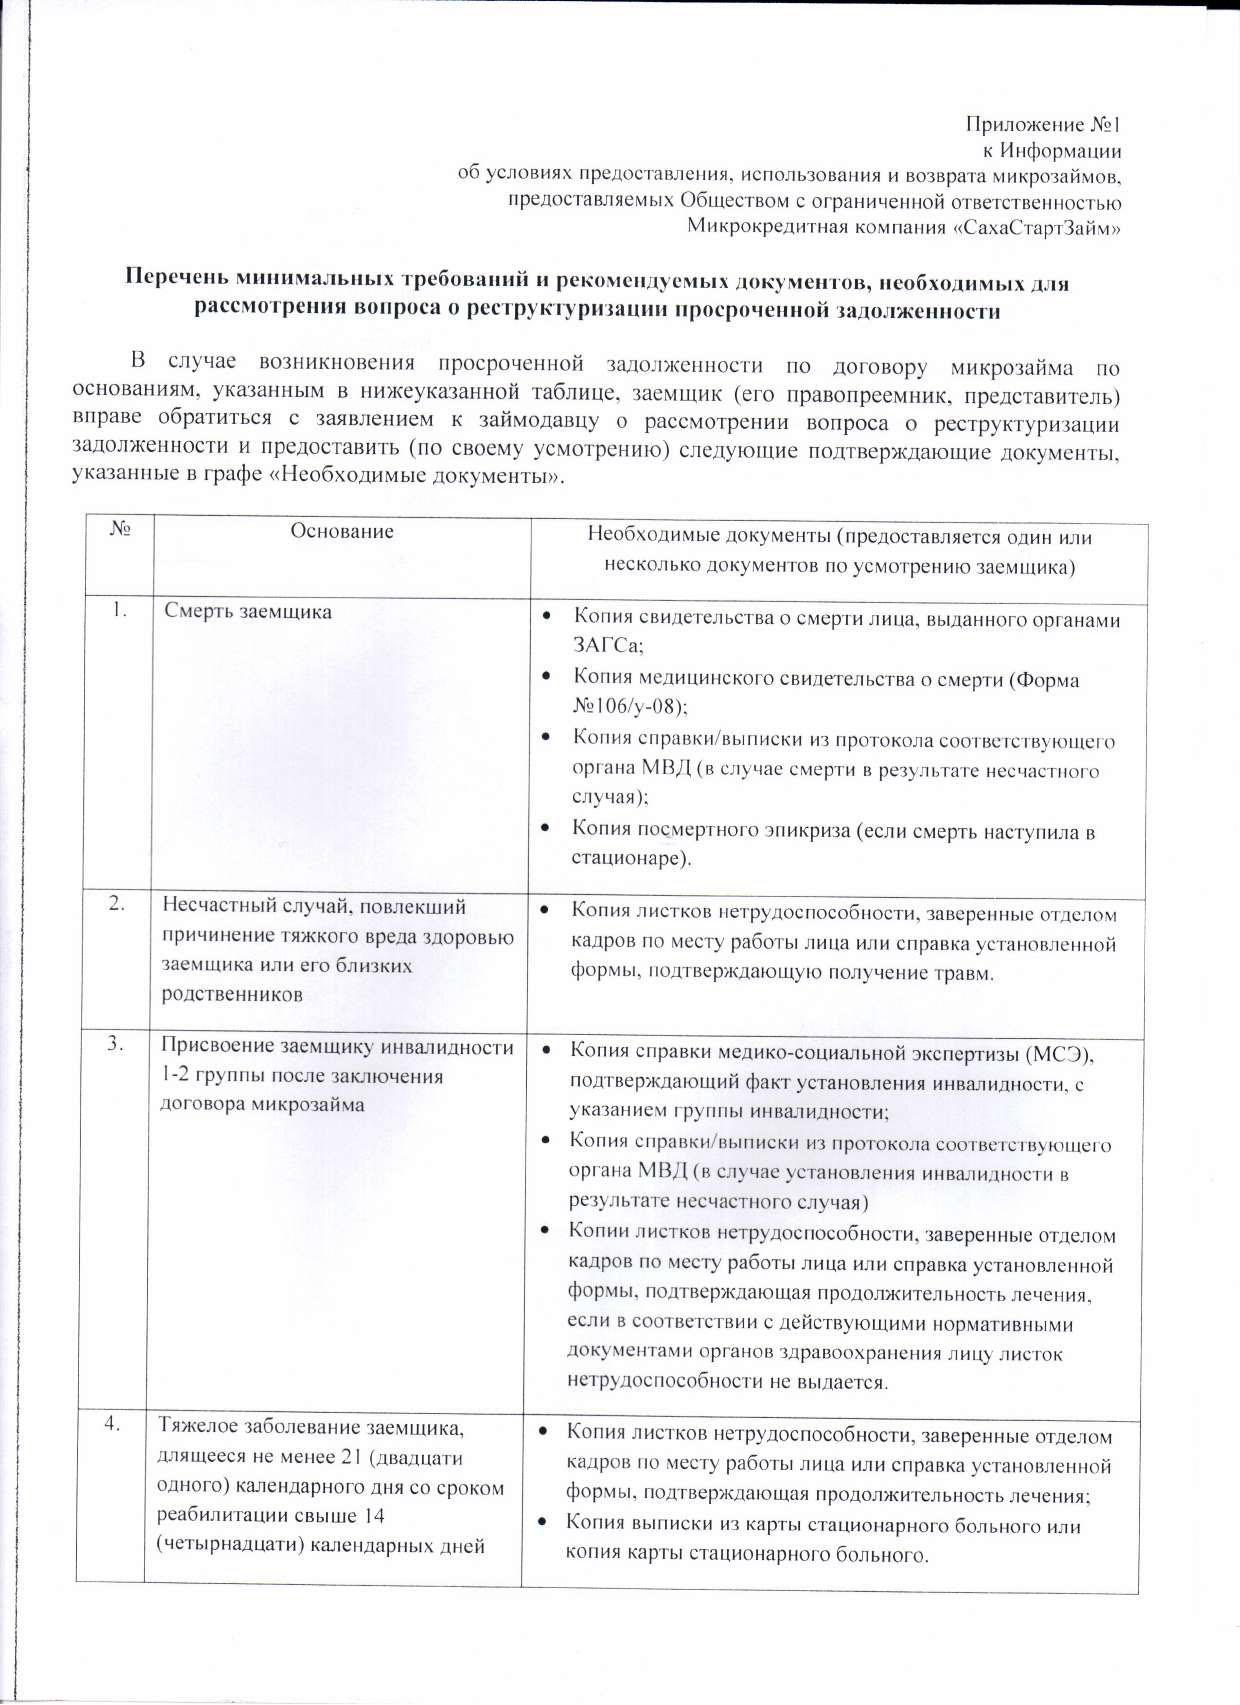 Информация об условиях предоставления, использования и возврата микрозаймов стр10